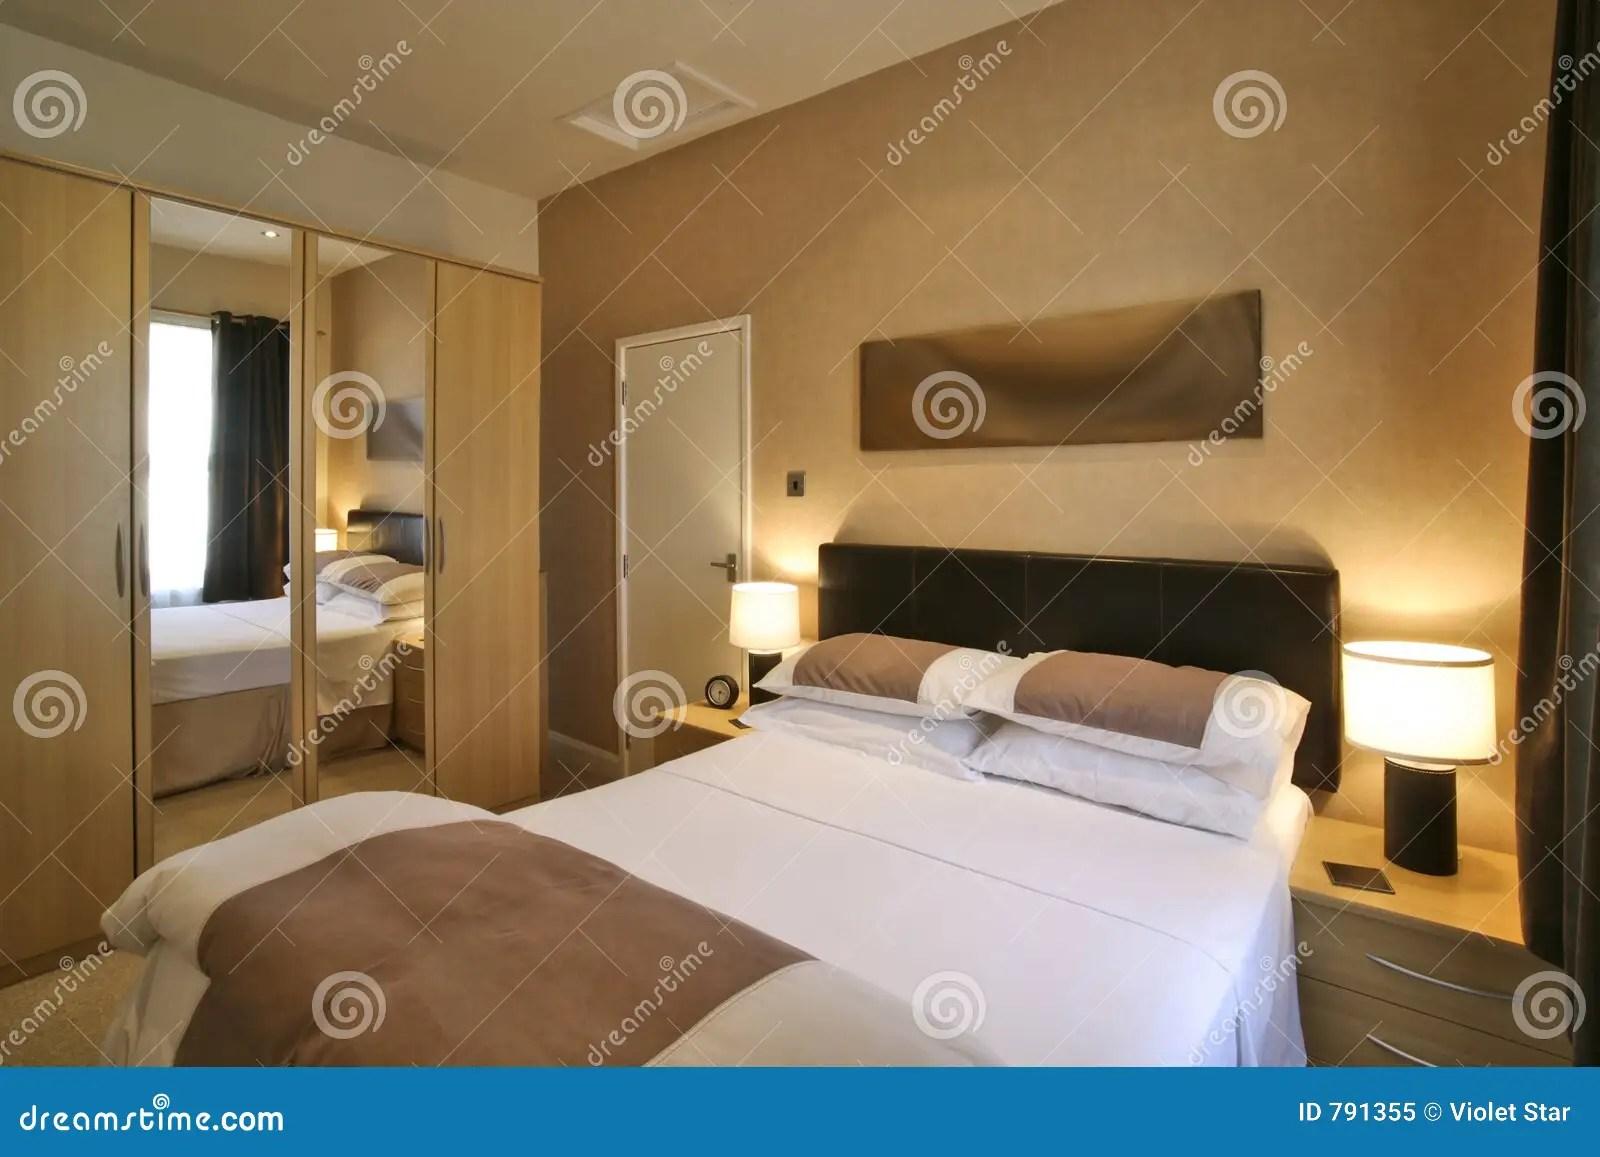 Luxury Bedroom Stock Image Image Of House Sleep Lifestyle 791355